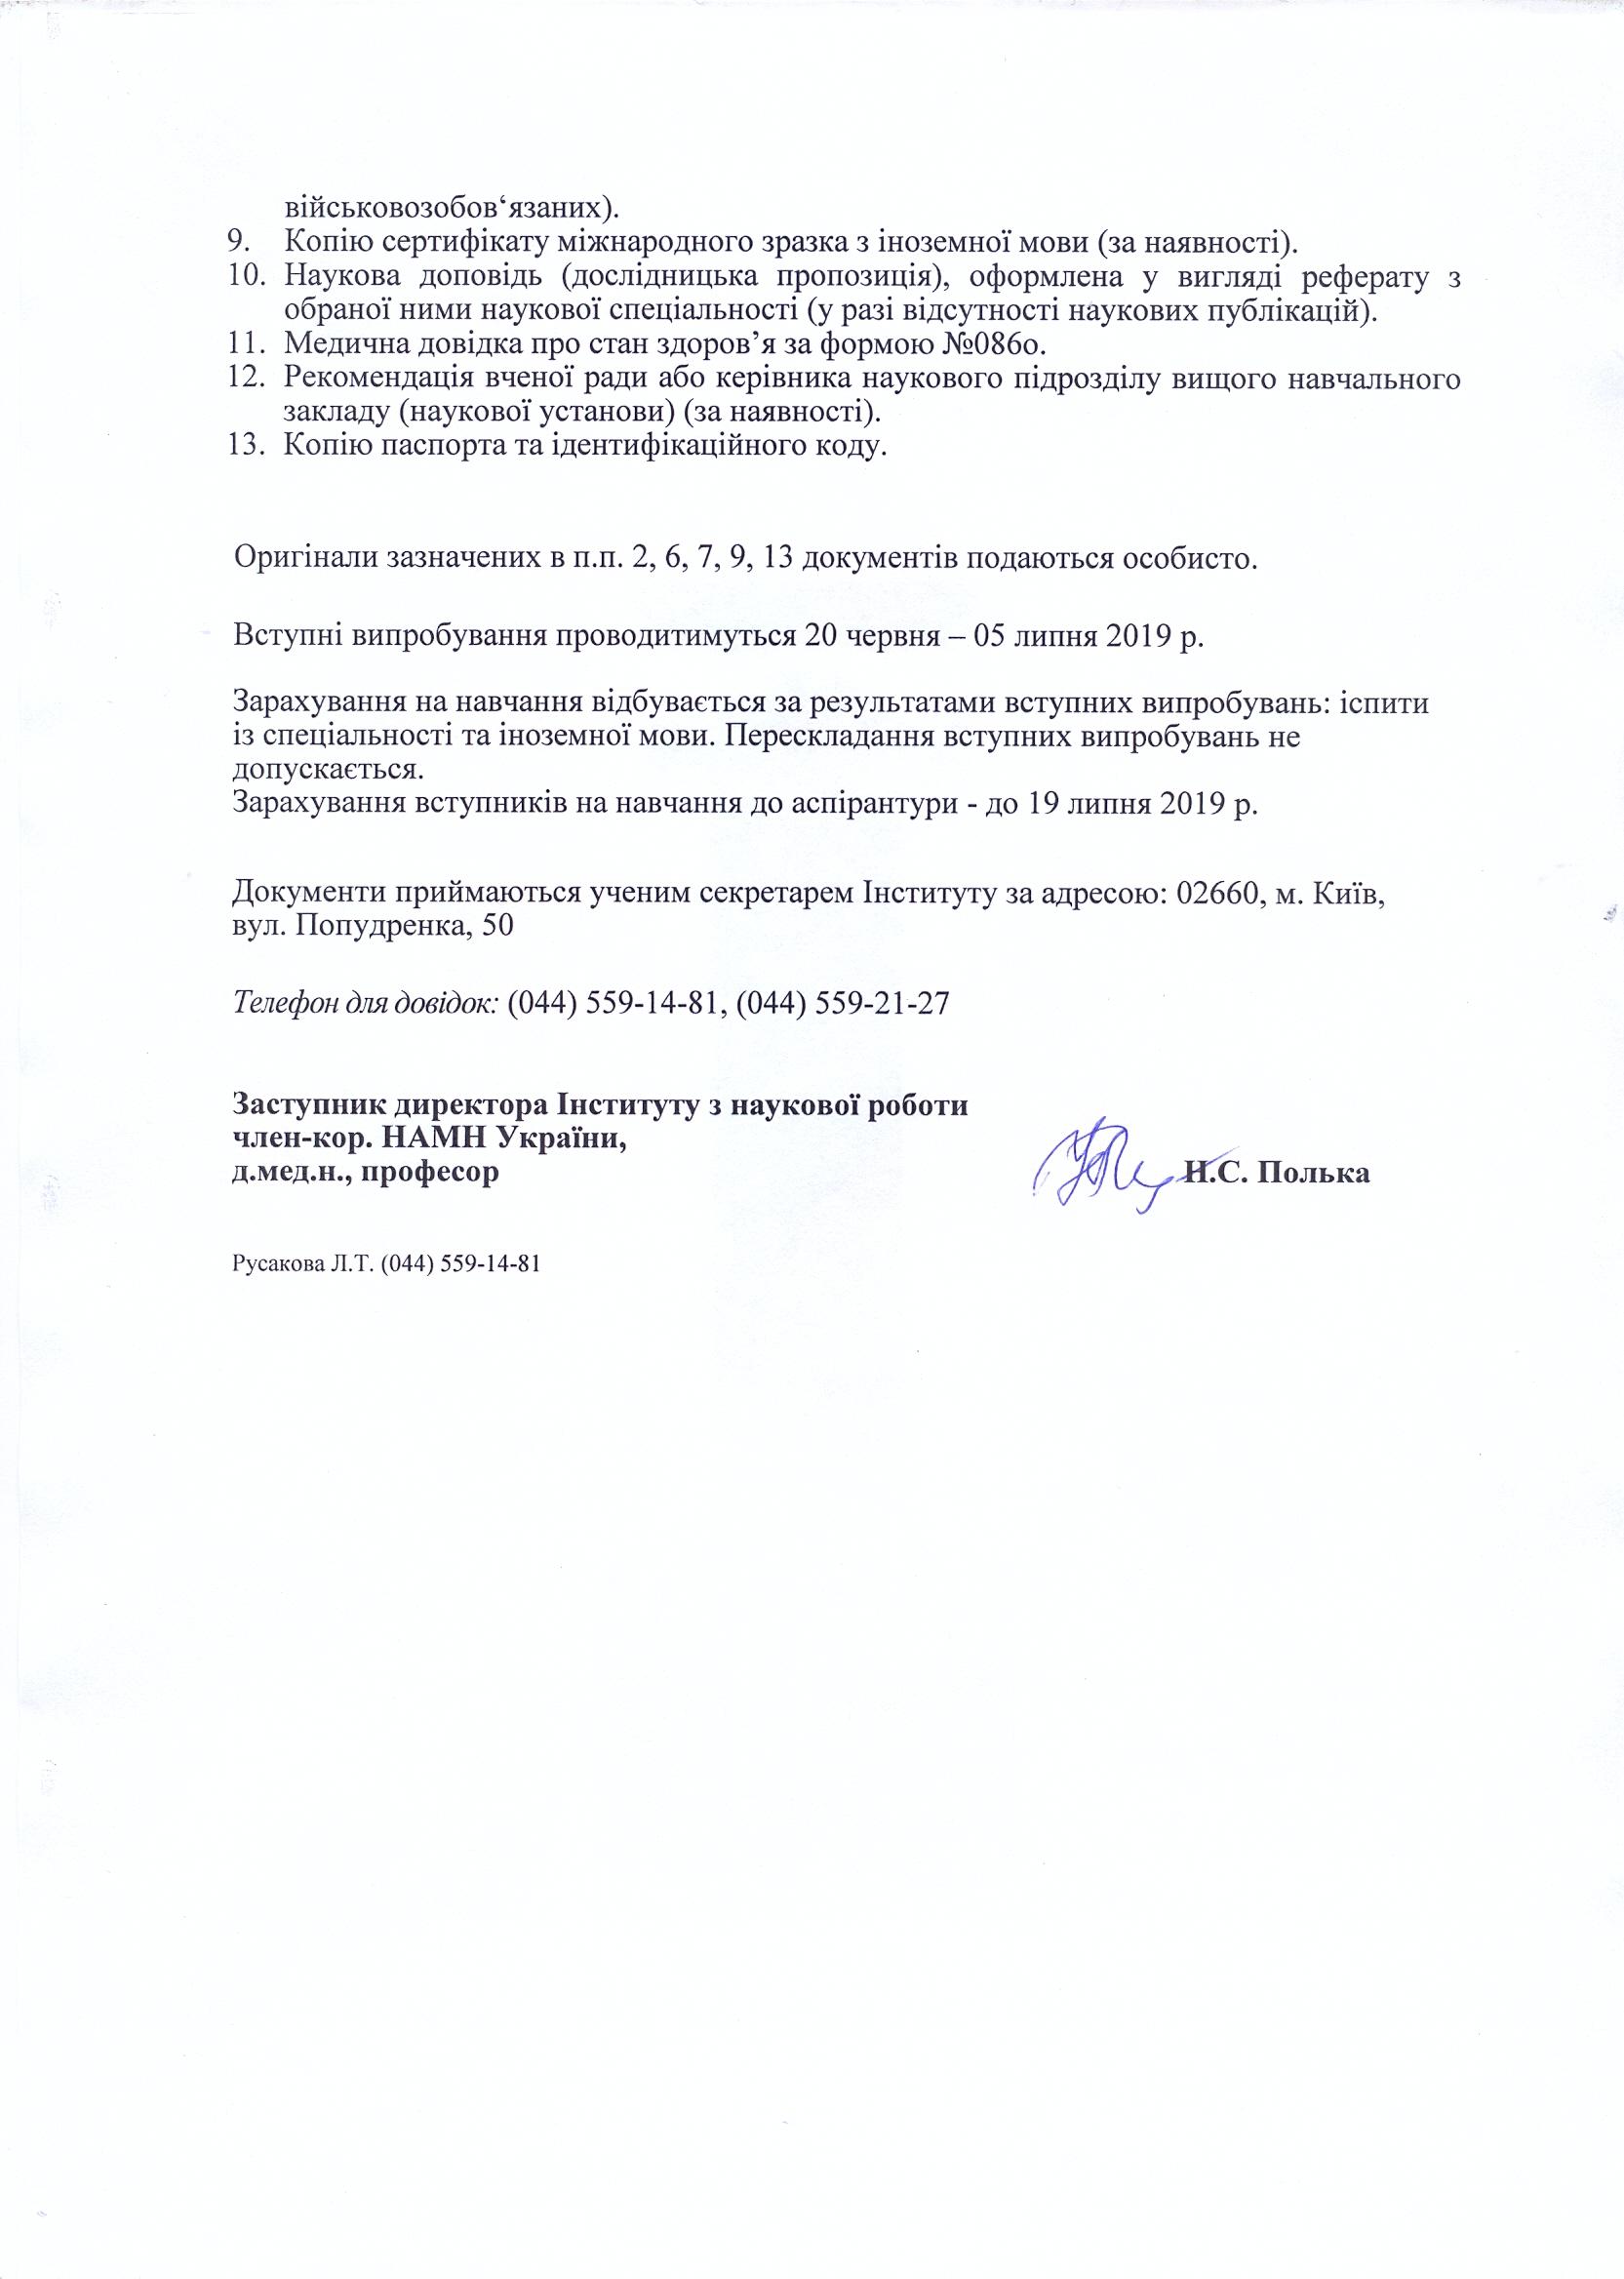 Оголошення про прийом до аспірантури ДУ